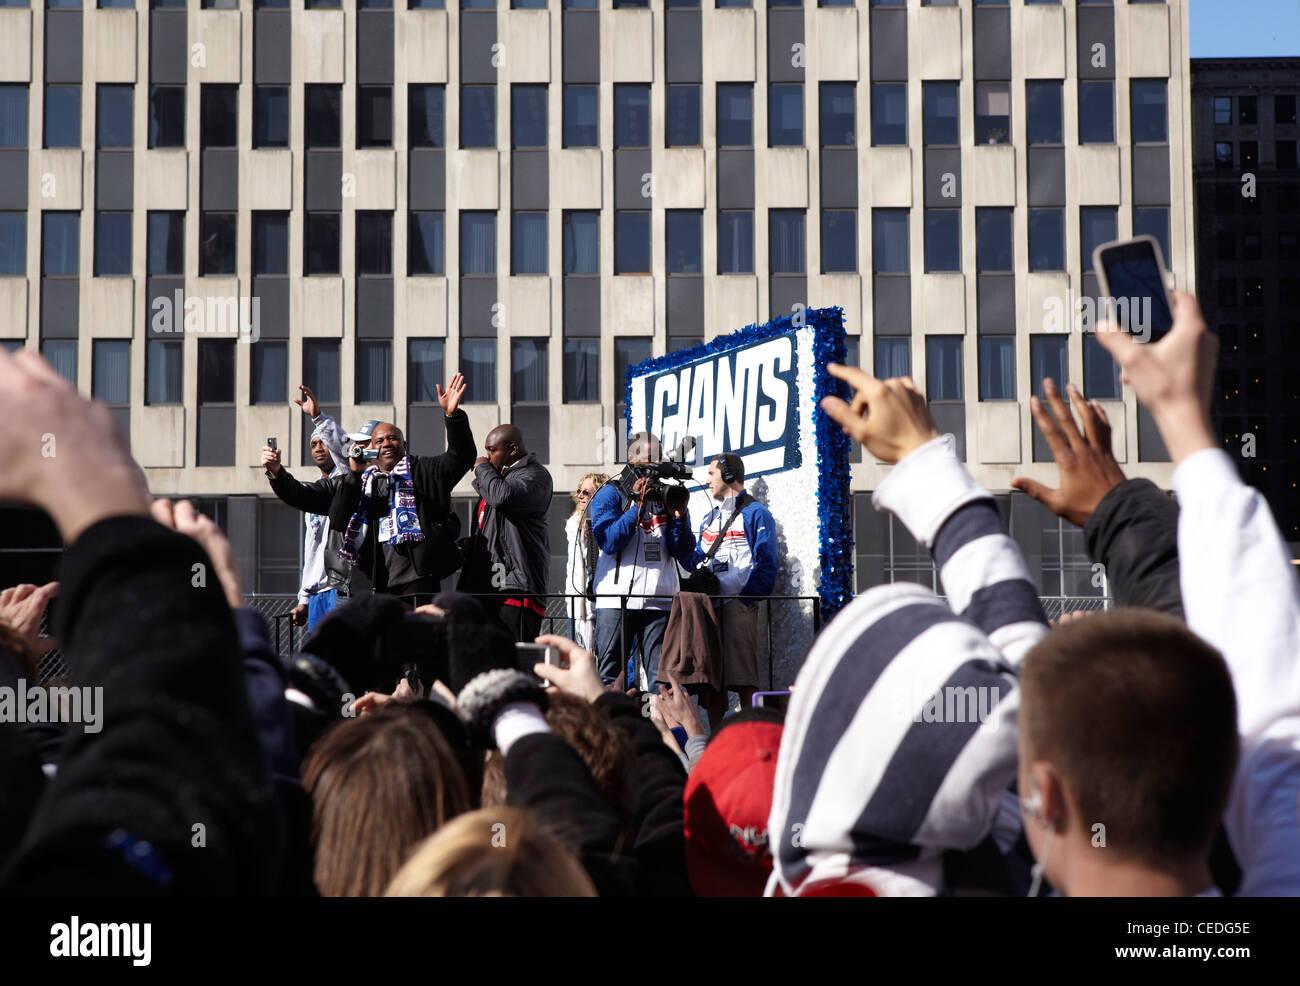 New York Giant fans parade, ticker tape, NY, USA - Stock Image